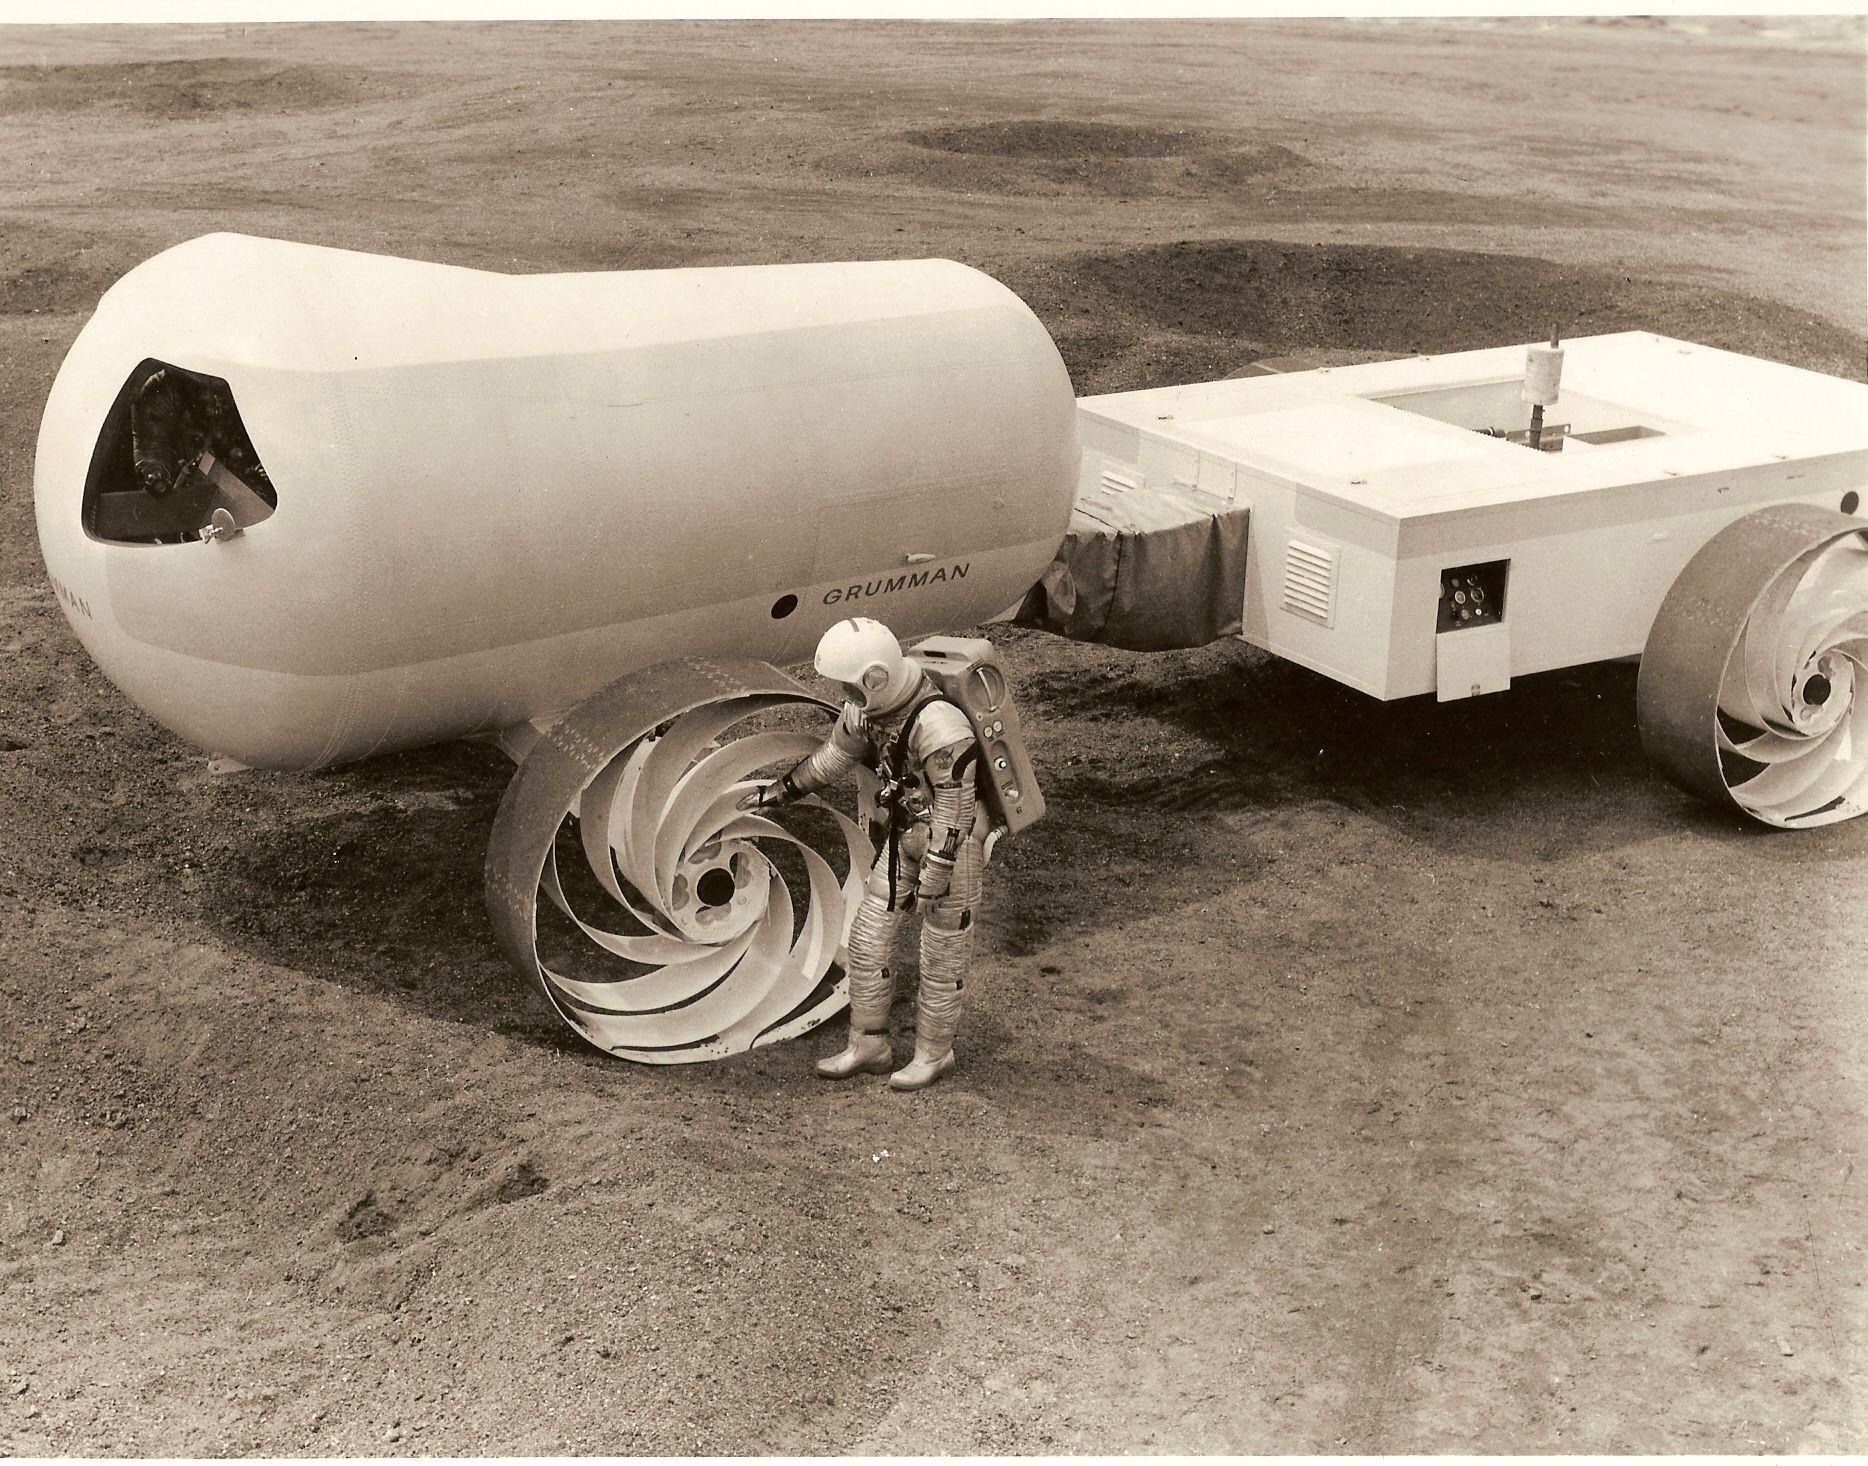 Forsvarsgiganten Grumman var sterkt involvert i månelandingen, da de var hovedleverandøren til selve landingsmodulene. Her er ett av deres Molab-konsepter for en månebil.